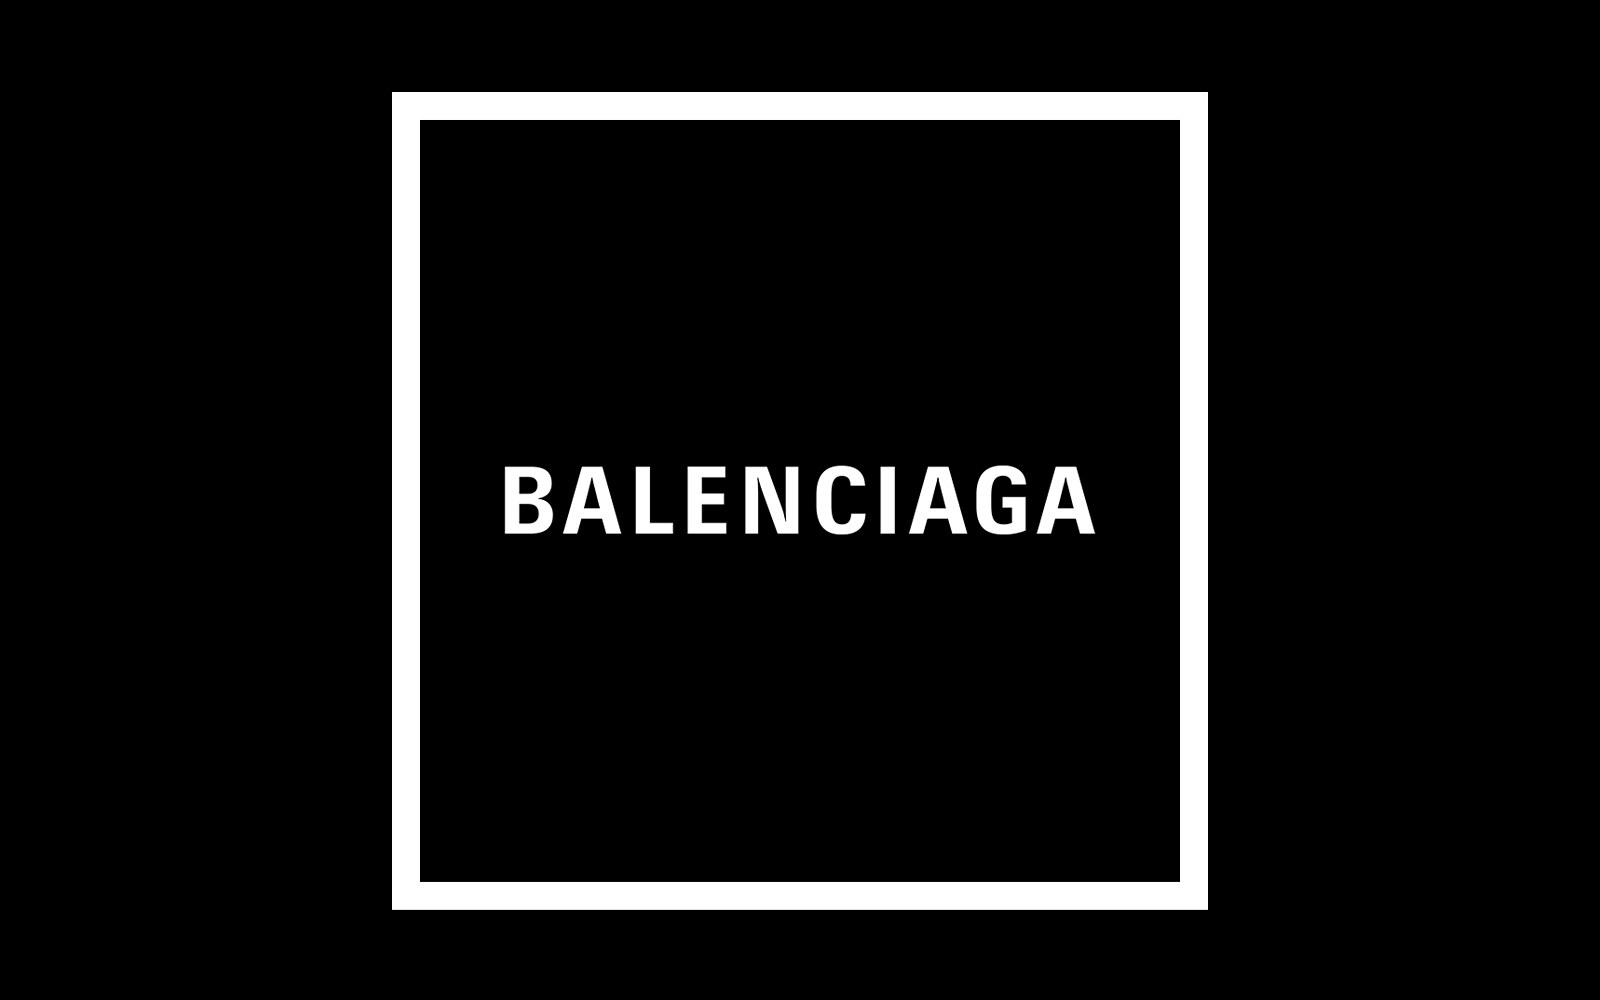 DONDA x Balenciaga